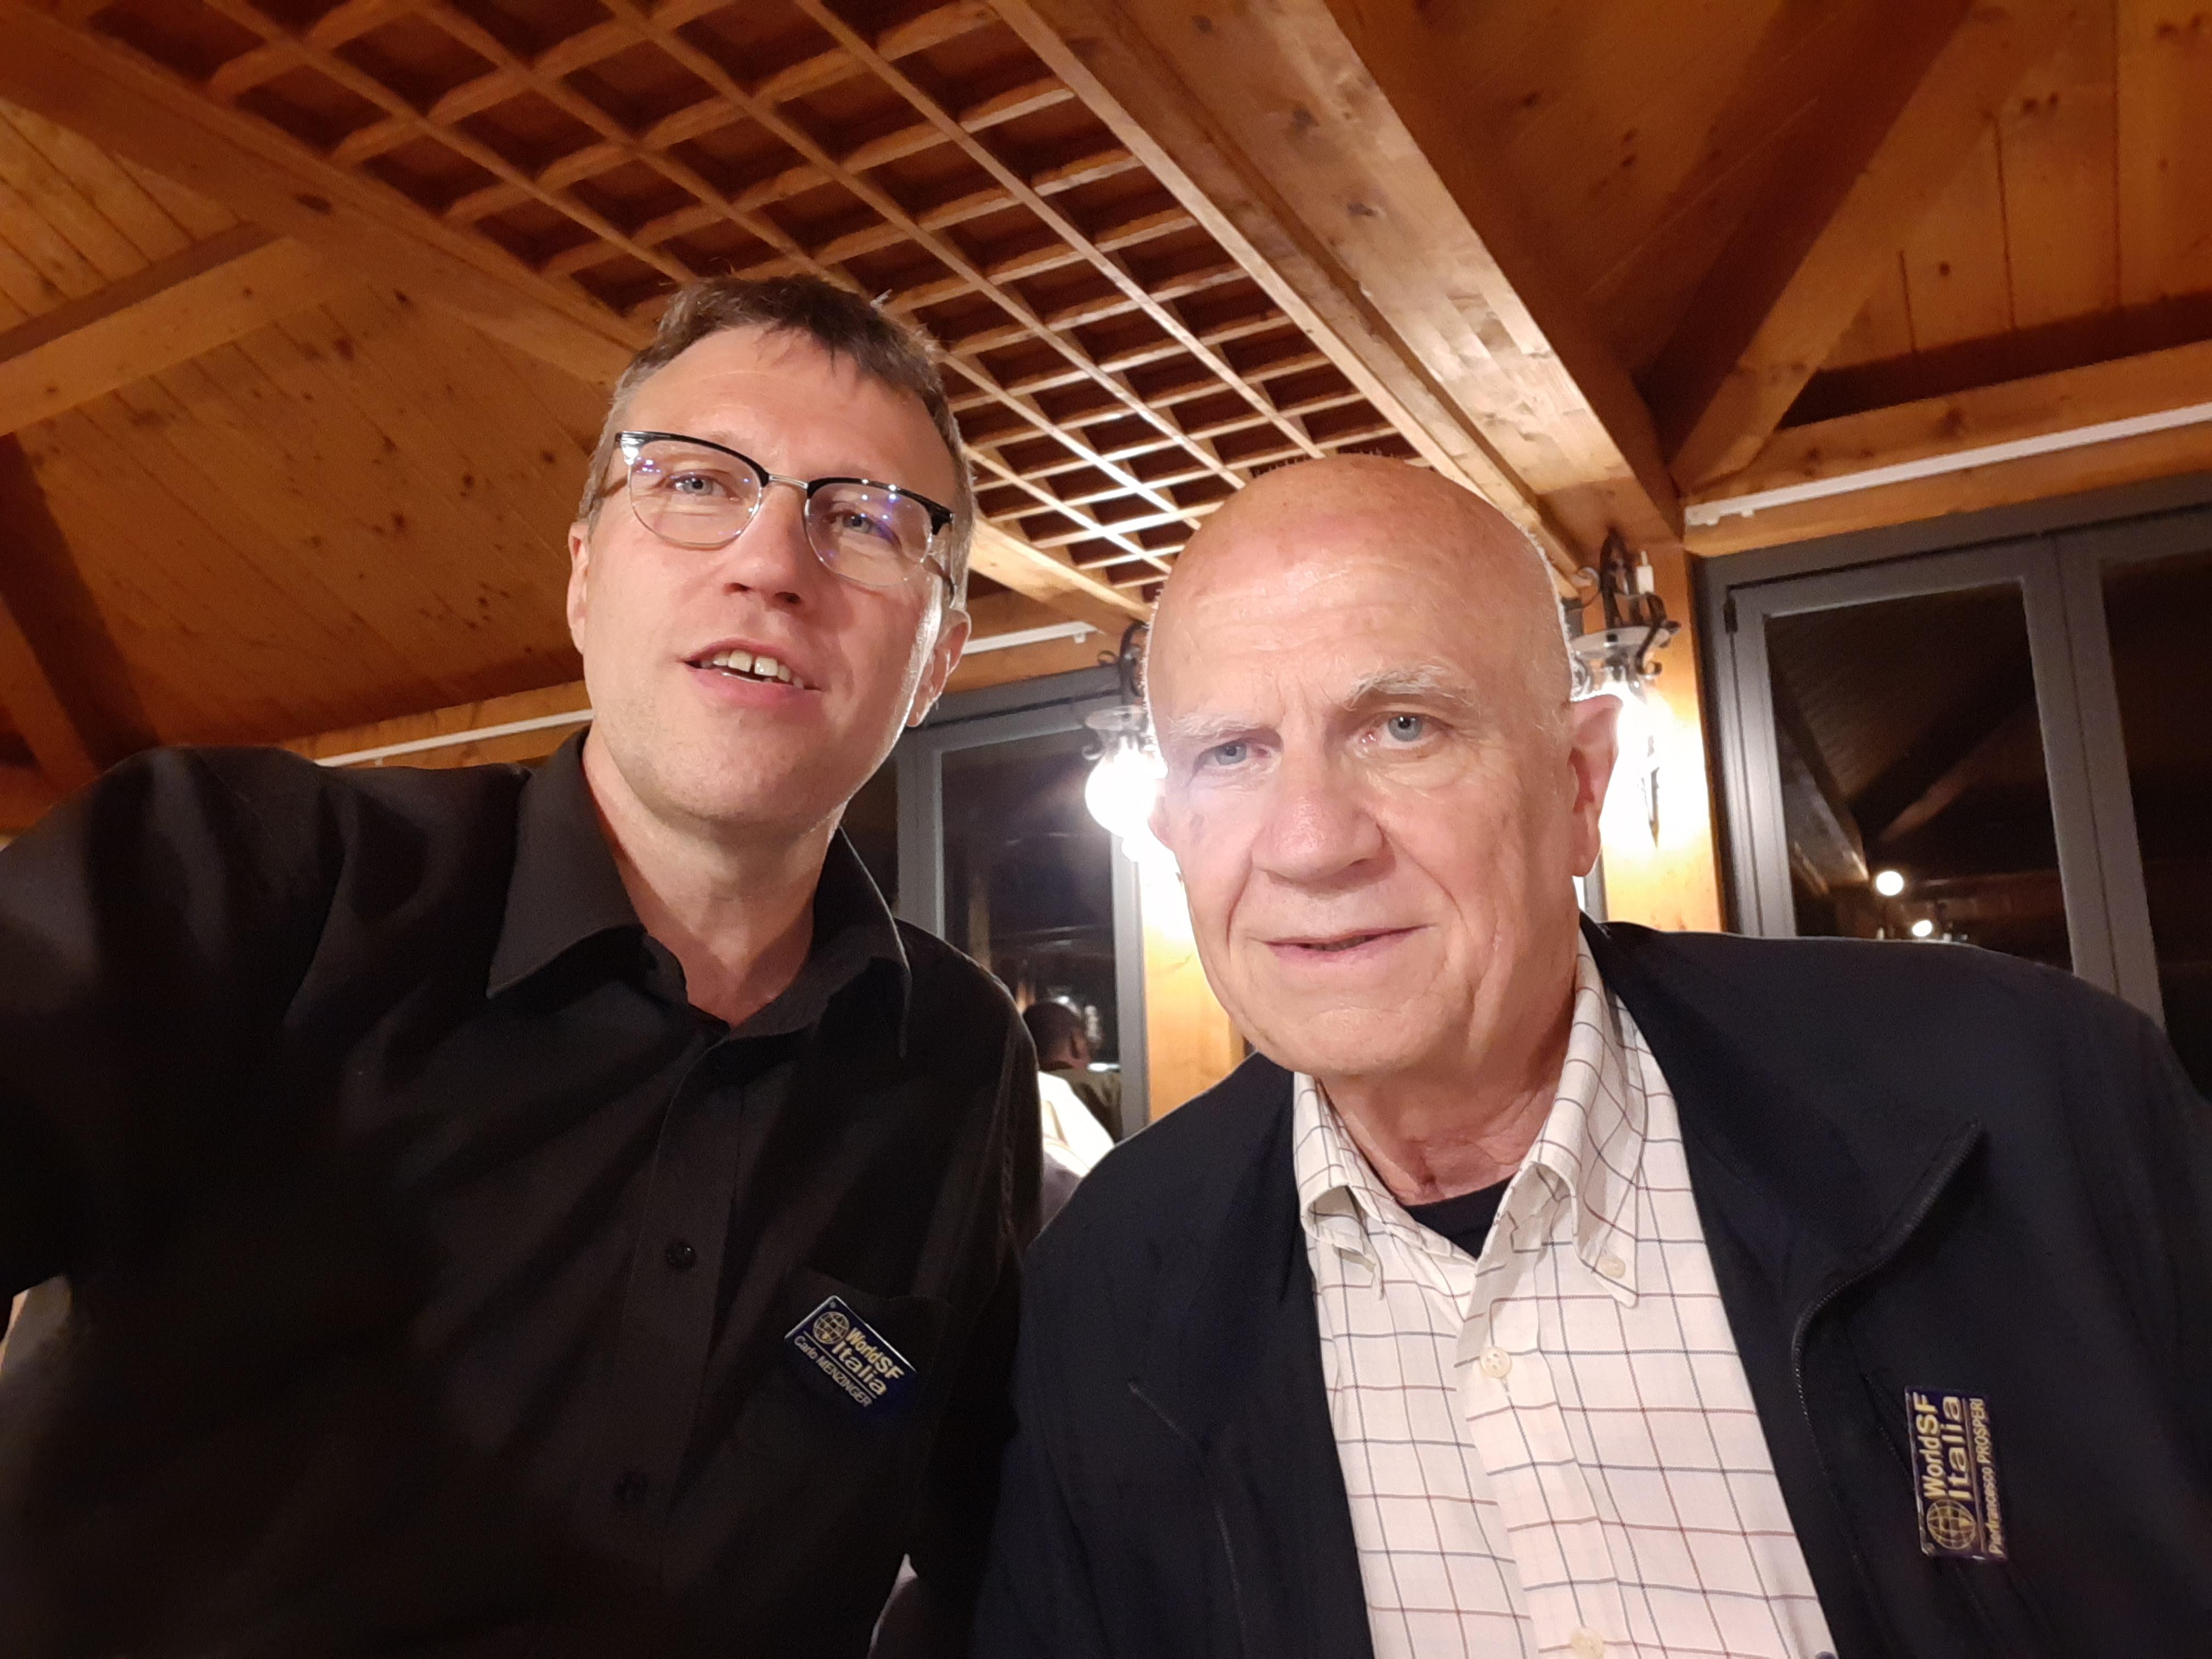 Carlo Menzinger e Pierfrancesco Prosperi, il 25 maggio 2019 durante il raduno nazionale degli autori di fantascienza World SF Italia